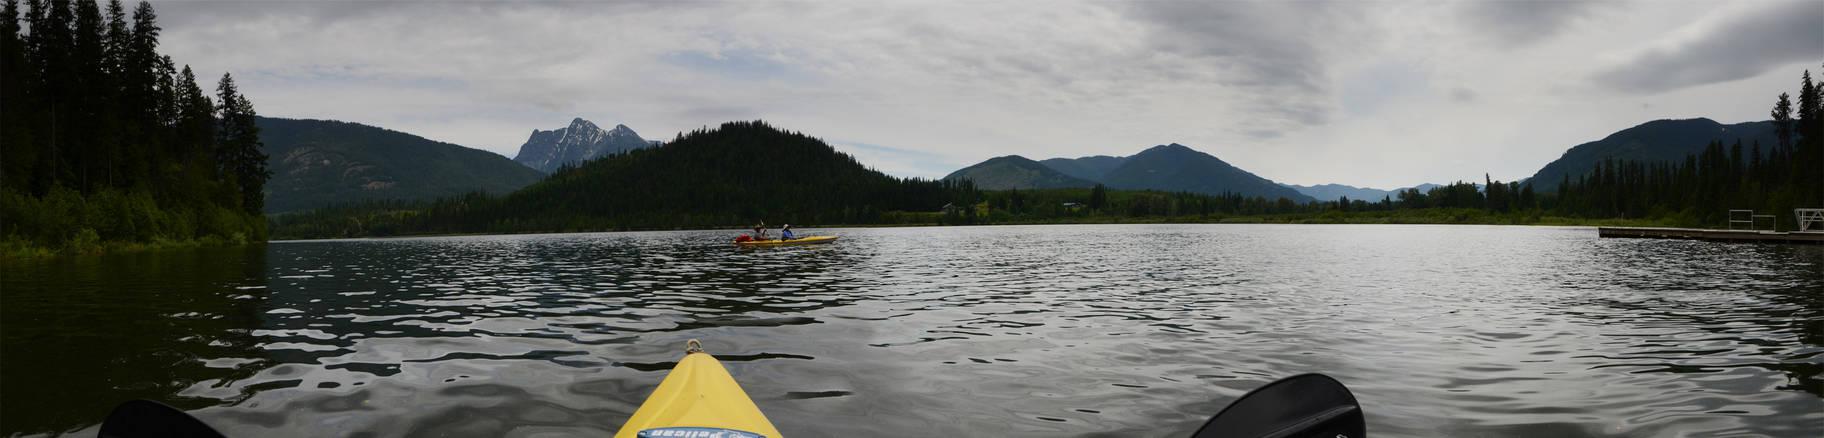 Bull Lake 2012-06-25 2